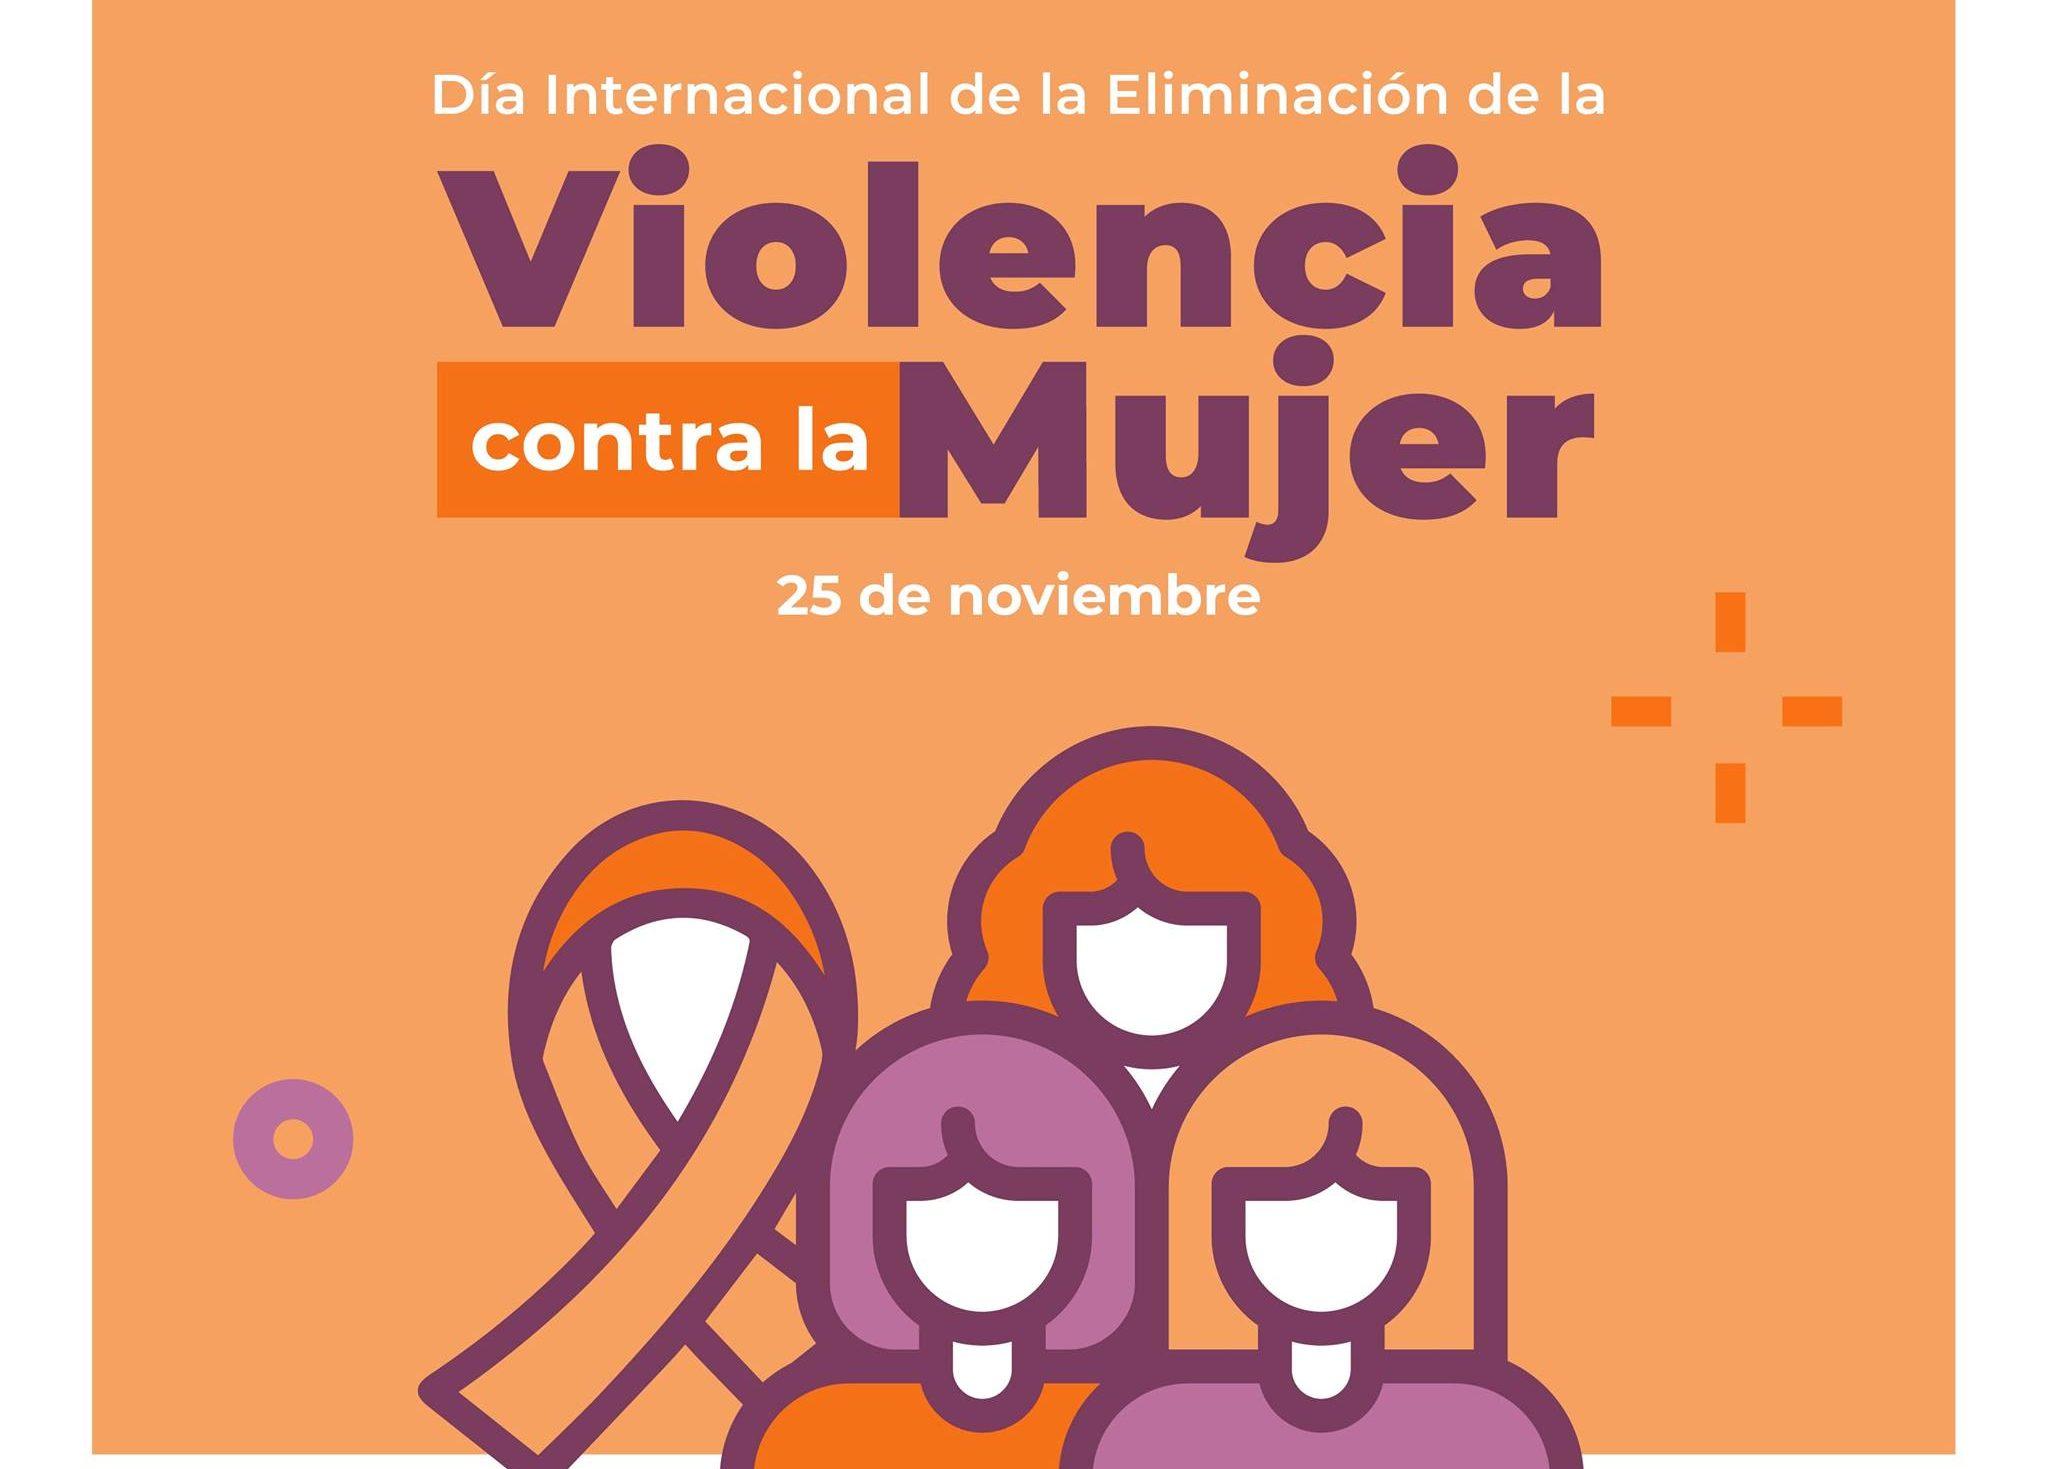 actividades, inmujere, violencia, mujeres